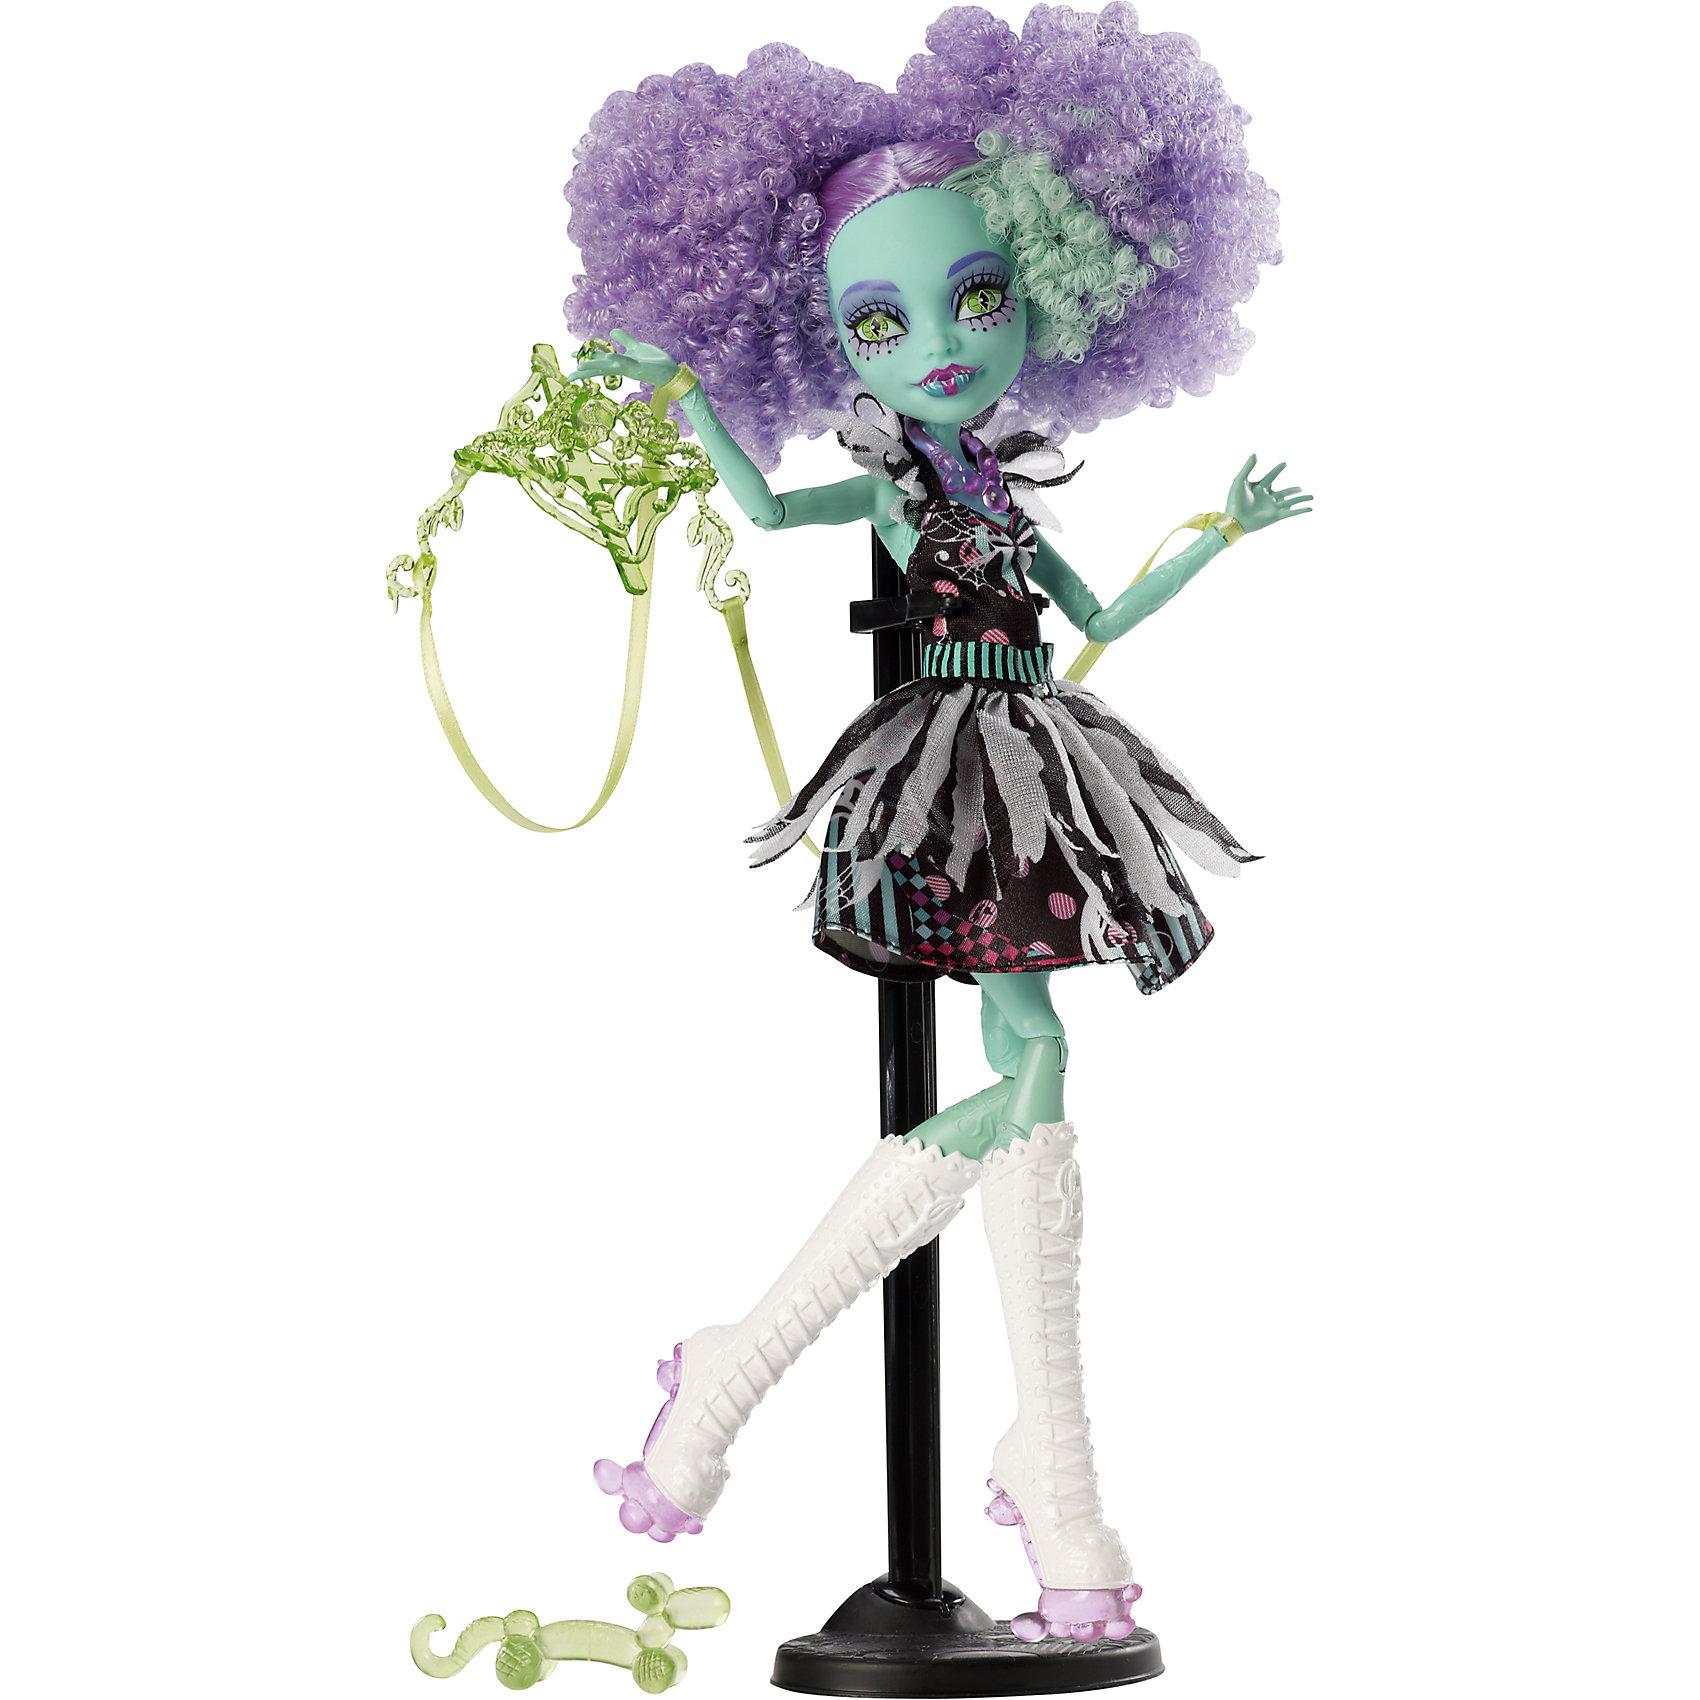 Кукла Фрик дю Шик  Шапито, Monster HighПопулярные игрушки<br>Ученики школы Monster High (Монстр Хай) знают, как представить свои жуткие недостатки в наилучшем виде. Невероятный танец Фрик дю Шик станет для наших монстров лекарством от всех невзгод. Монстрики готовы блеснуть в свете прожекторов, примерив на себя амплуа цирковых артистов. Хани Свомп выступает в роли марионетки с привязанными к конечностям ниточками, она одета в стильное черно-розовое платье, на ногах у модницы - невероятные сапоги на платформе. Умопомрачительный образ для самой безумной вечеринки! <br><br>Дополнительная информация:<br><br>- Высота куклы: 27 см.<br>- Голова, ноги, руки подвижные (шарнирные).<br>- Комплектация: кукла, одежда, расческа, подставка, дневник. <br>- Материал: пластик, текстиль.<br><br>Куклу Фрик дю Шик  Шапито, Monster High (Школа монстров),  можно купить в нашем магазине.<br><br>Ширина мм: 326<br>Глубина мм: 205<br>Высота мм: 67<br>Вес г: 297<br>Возраст от месяцев: 72<br>Возраст до месяцев: 120<br>Пол: Женский<br>Возраст: Детский<br>SKU: 4132323